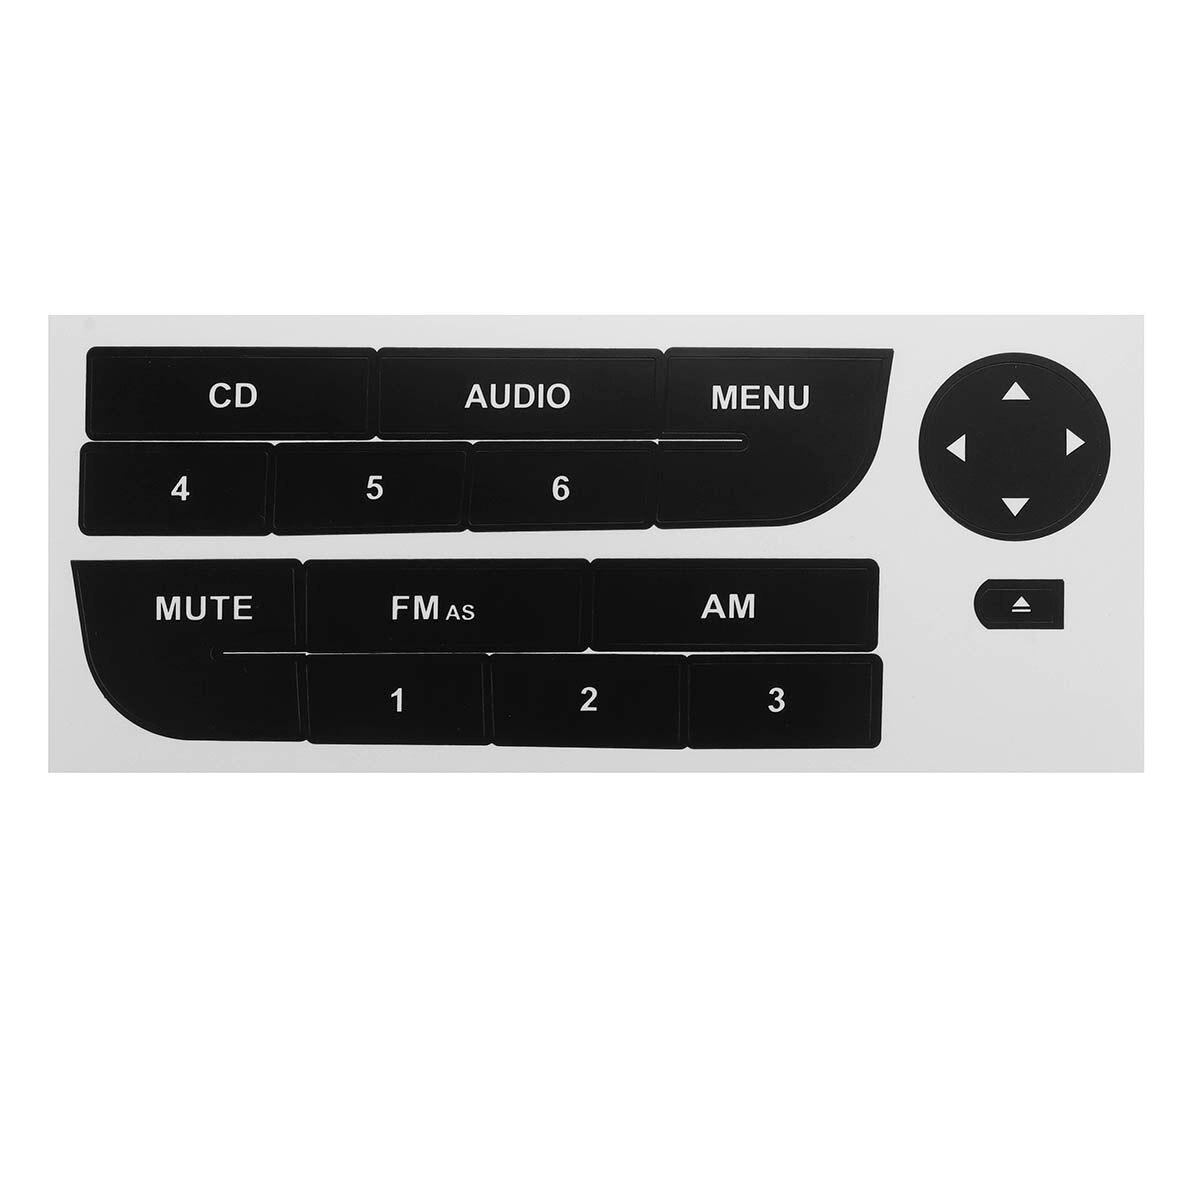 Botão de rádio do carro preto adesivo reparo para fiat grand punto rádio estéreo desgastado peeling botão reparação decalques adesivos